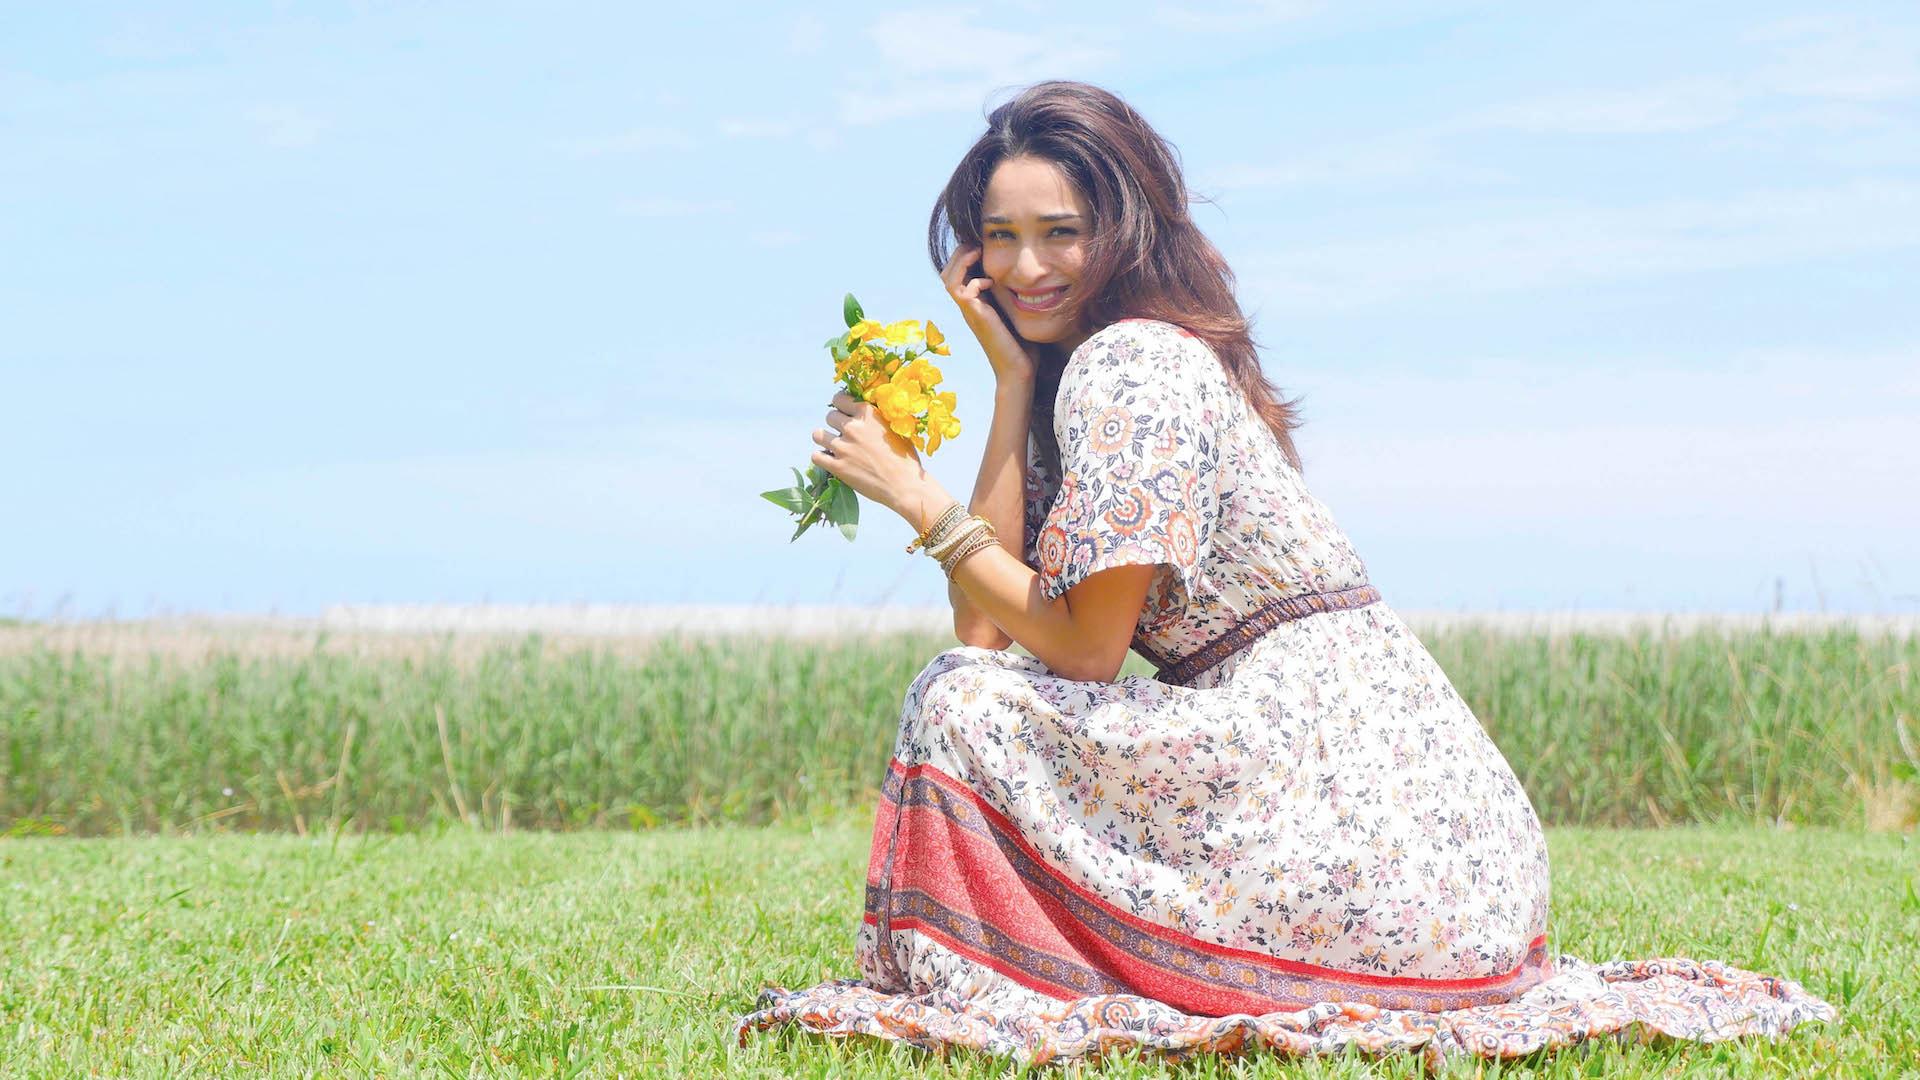 ハワイファッション、今年はボヘミアンでキメる!